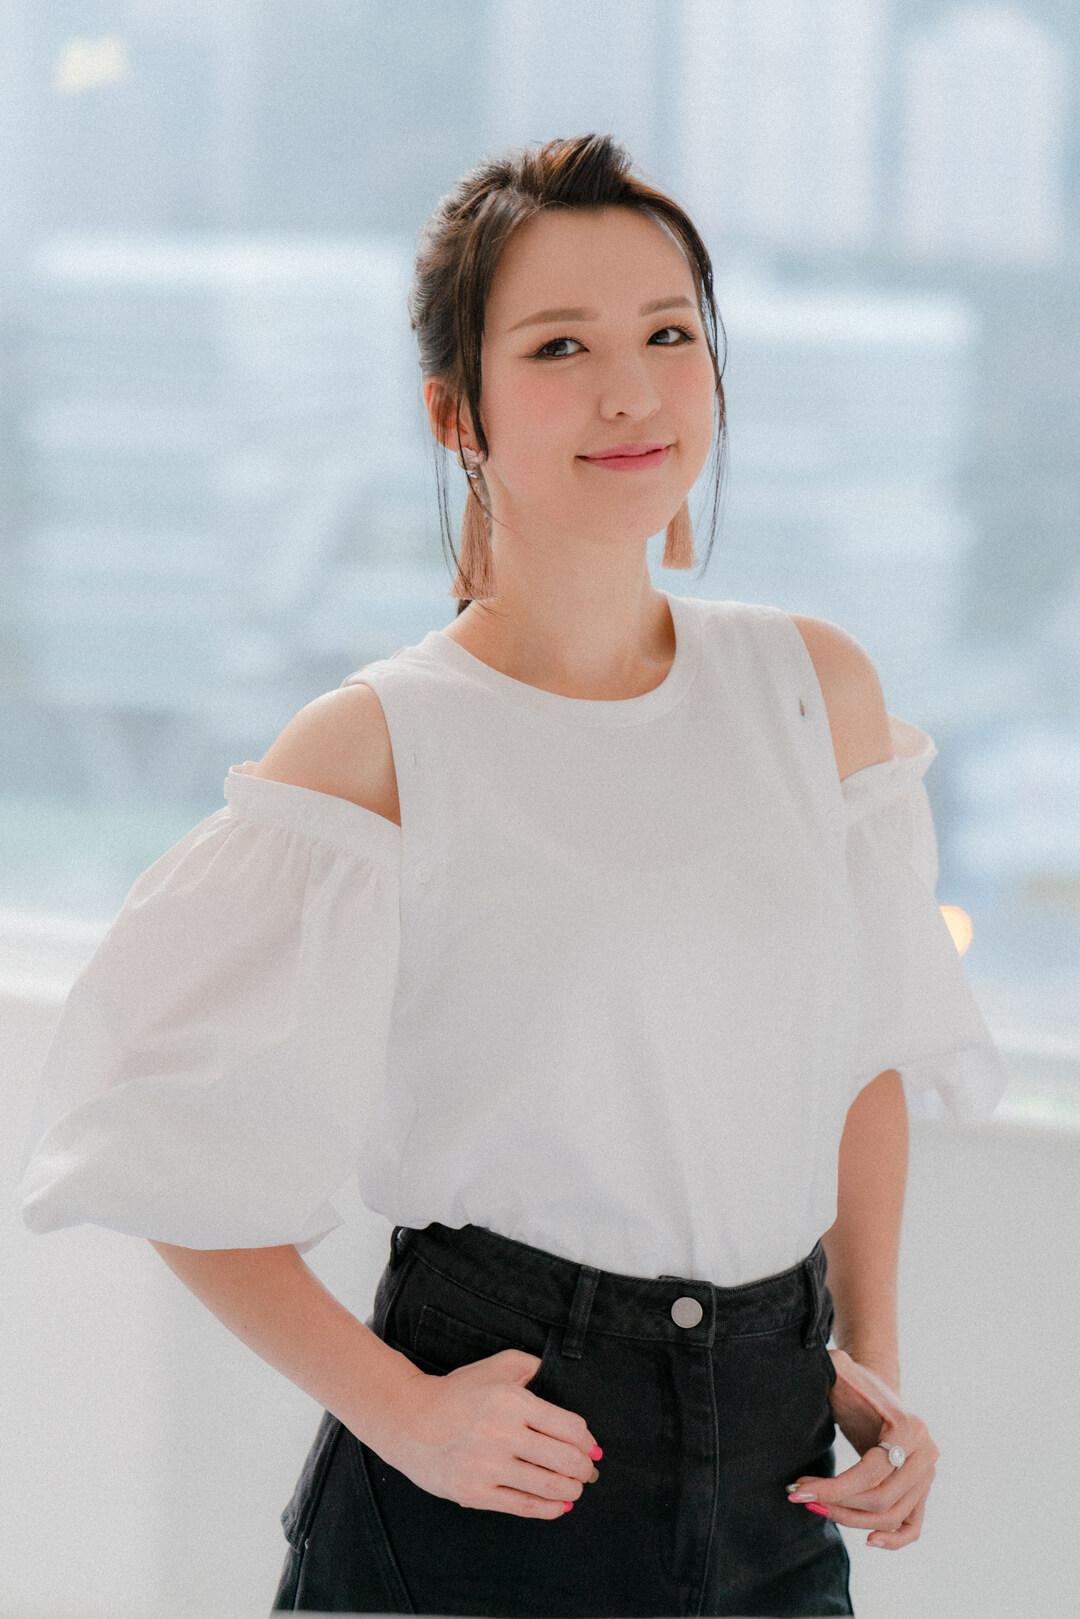 2021年2月25日 明周娛樂 靚媽圍爐關心妍孫慧雪張美妮分享湊仔經d